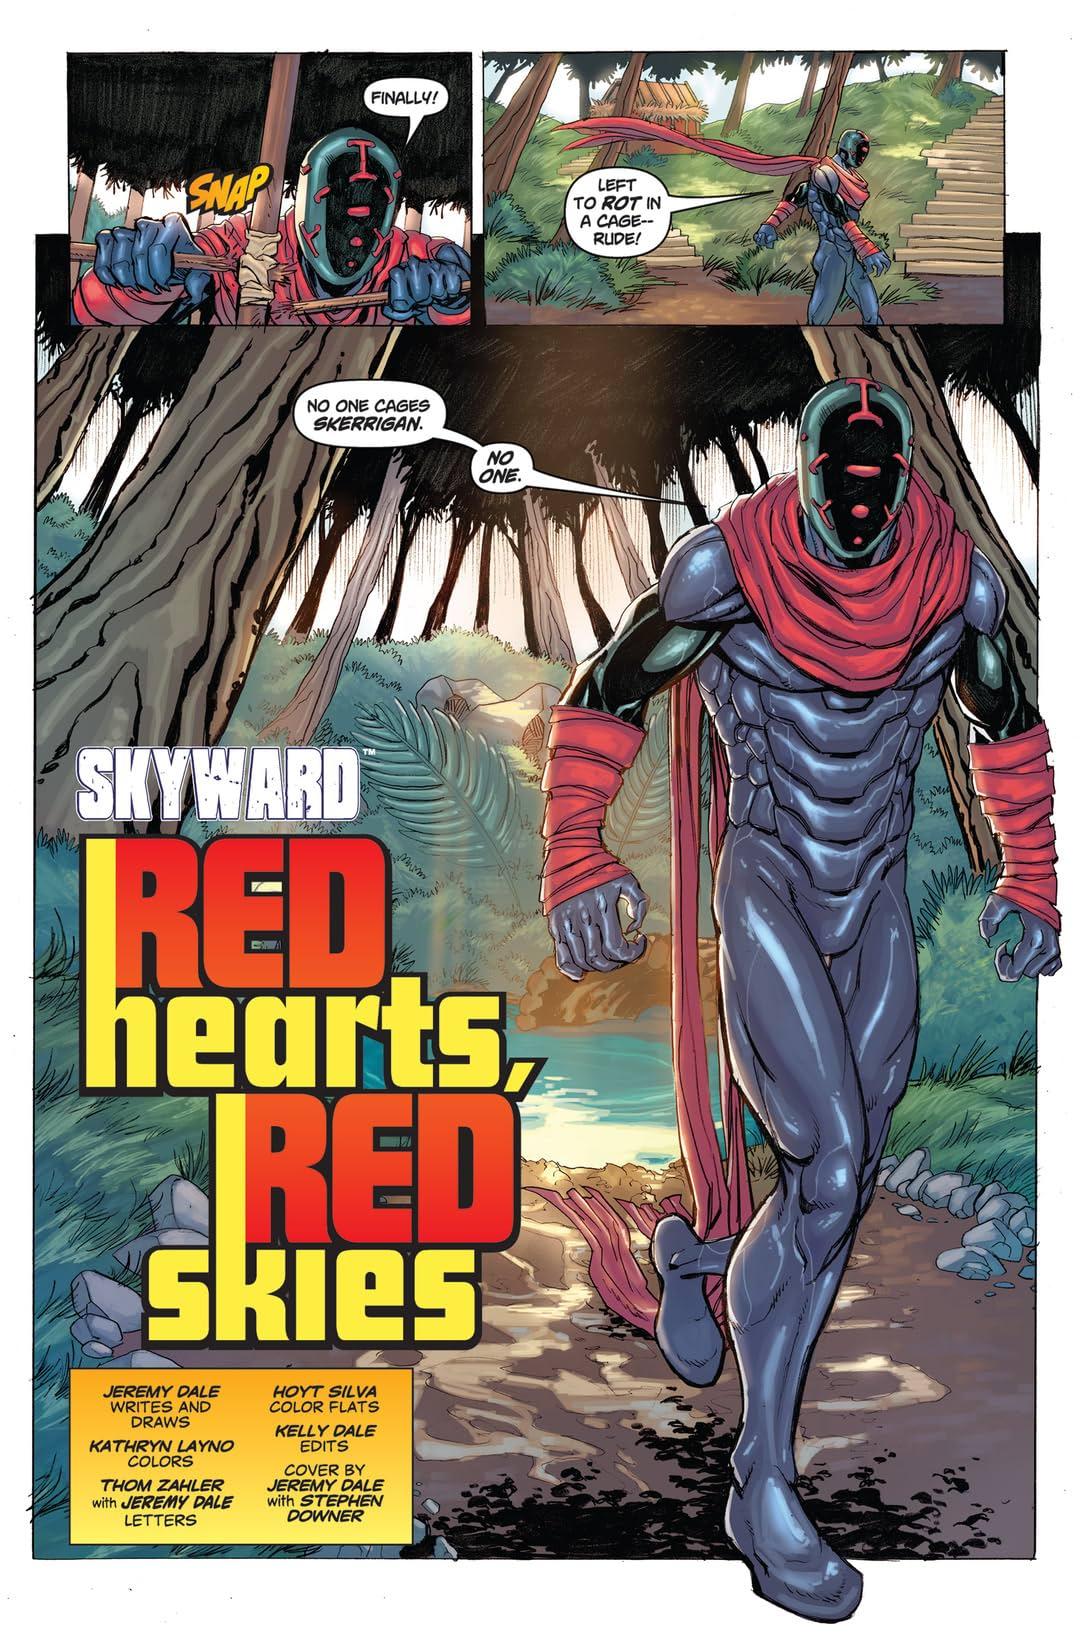 Skyward #8